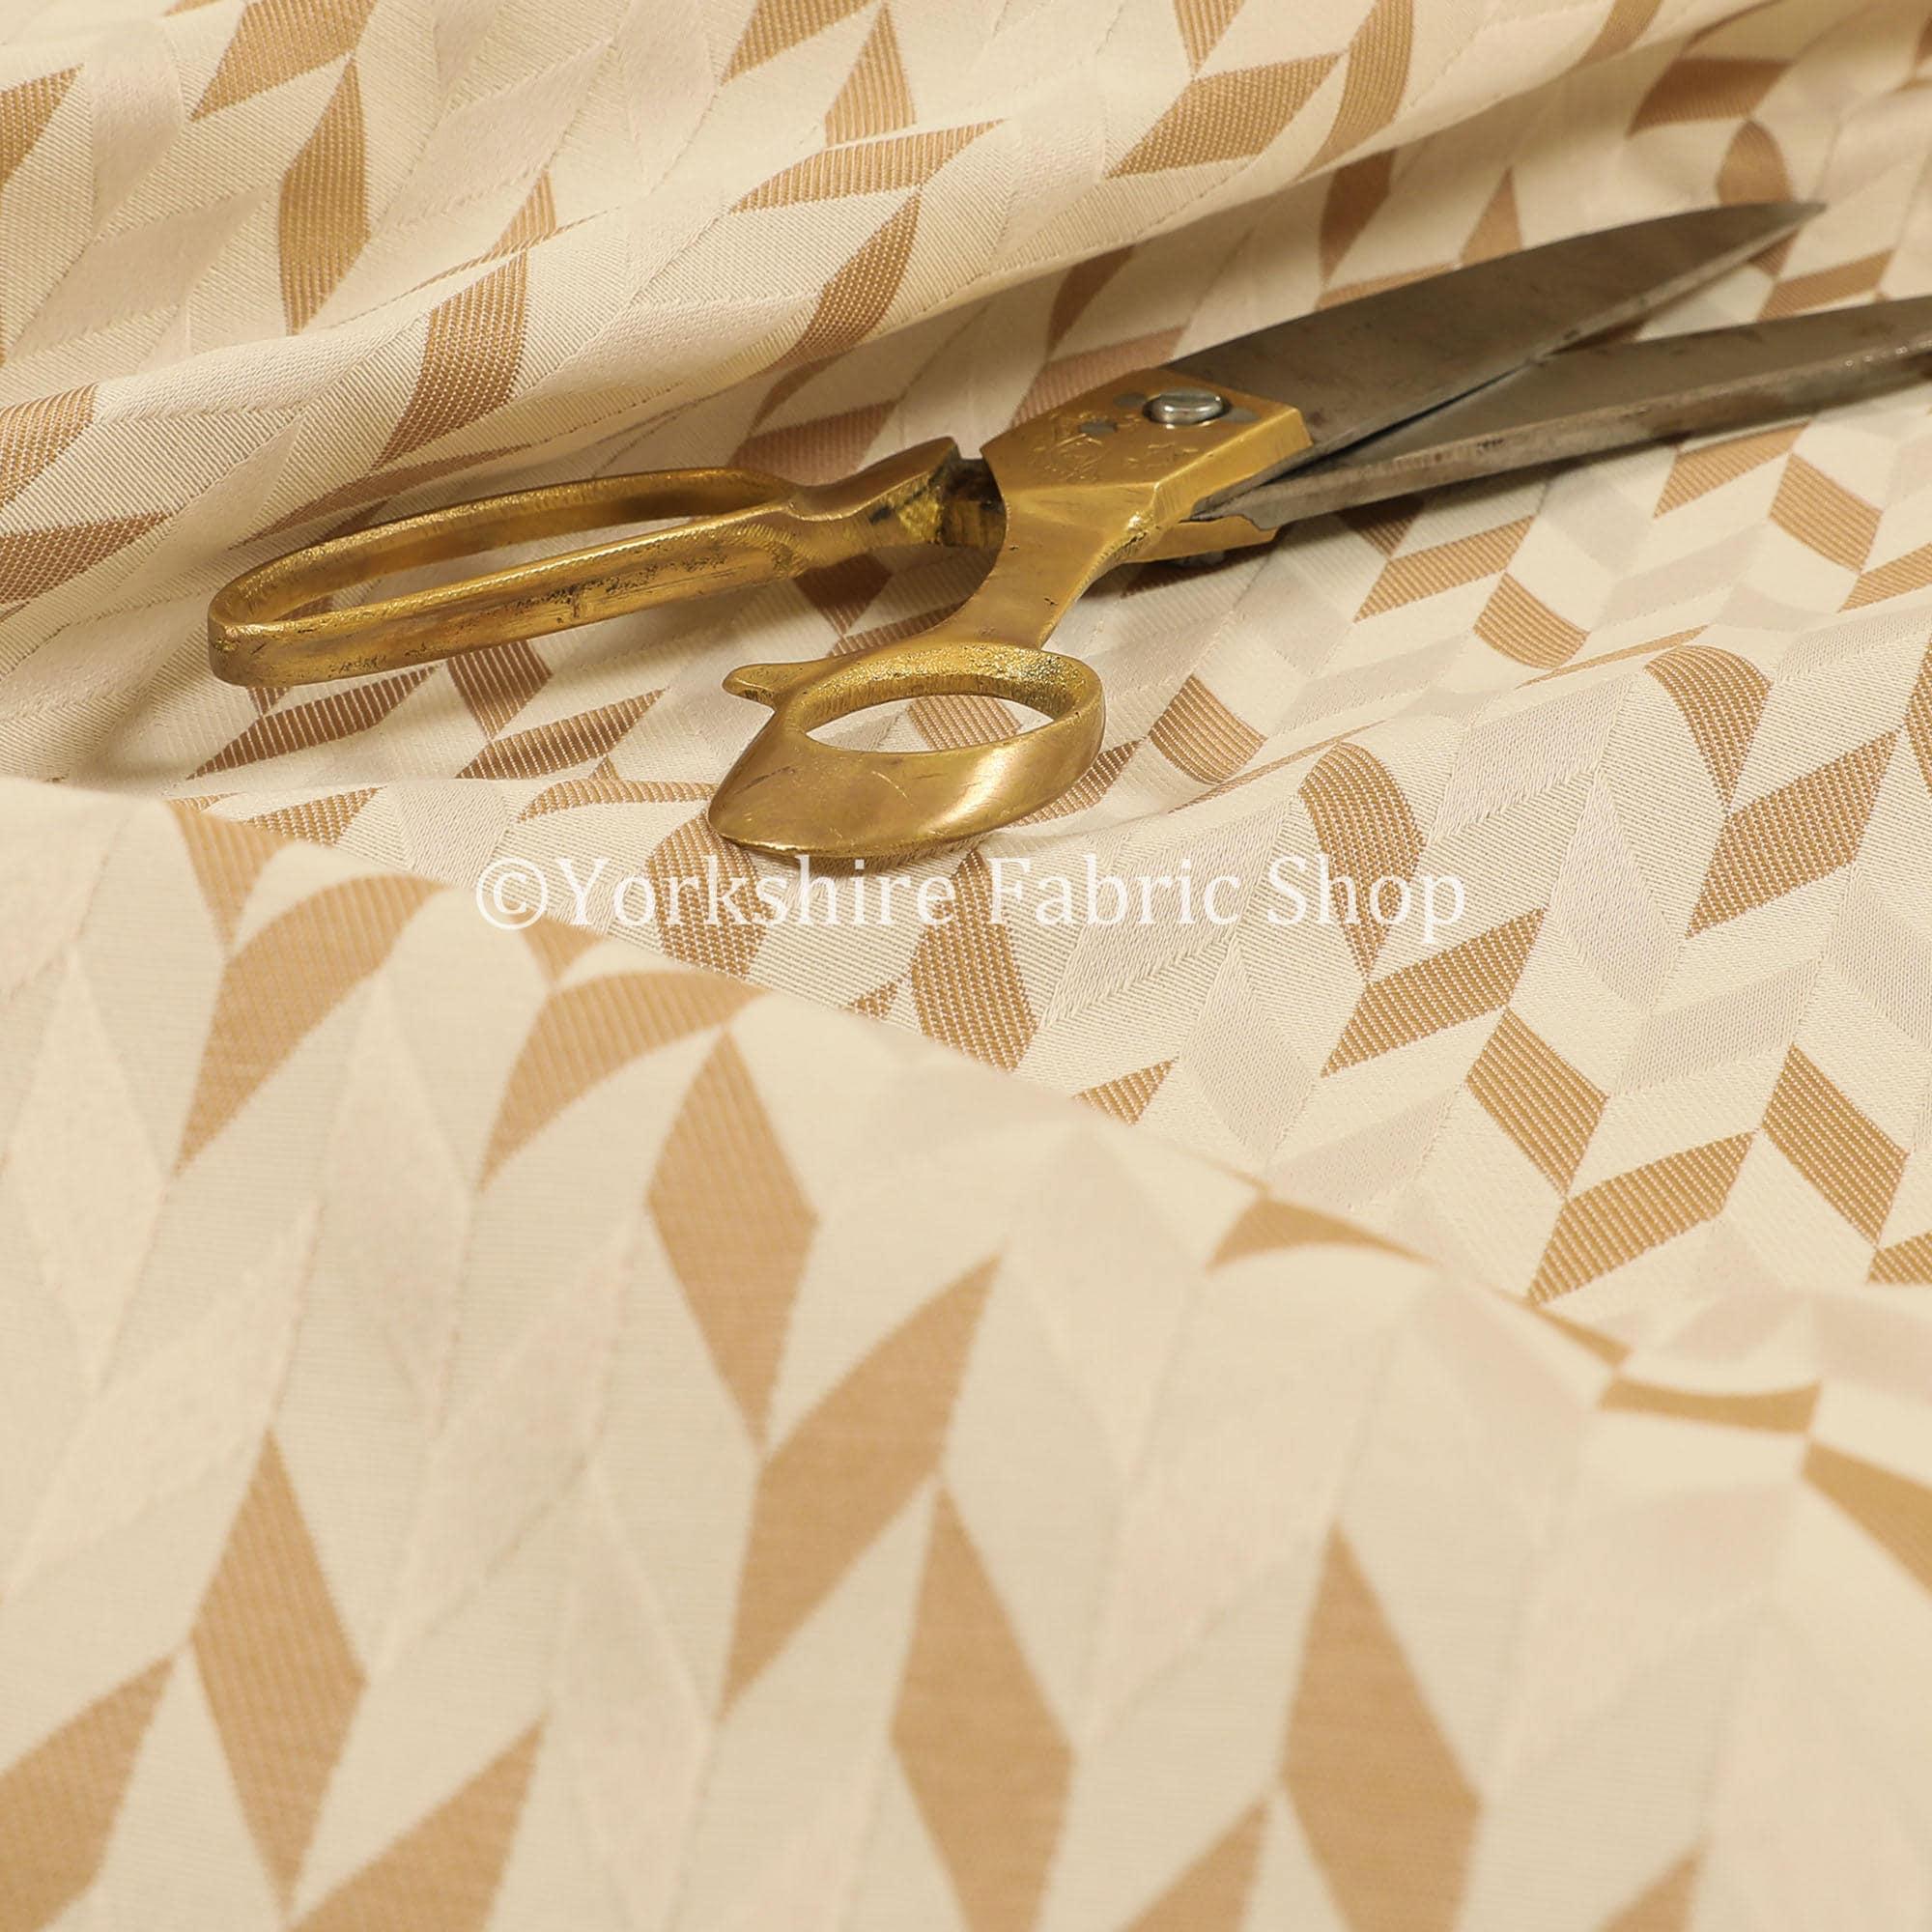 Chenille Chenille Chenille léger couleur marron ameublement Rideau tissu à motif géométrique - vendu par le tissu de longueur de 10 mètres 906f81